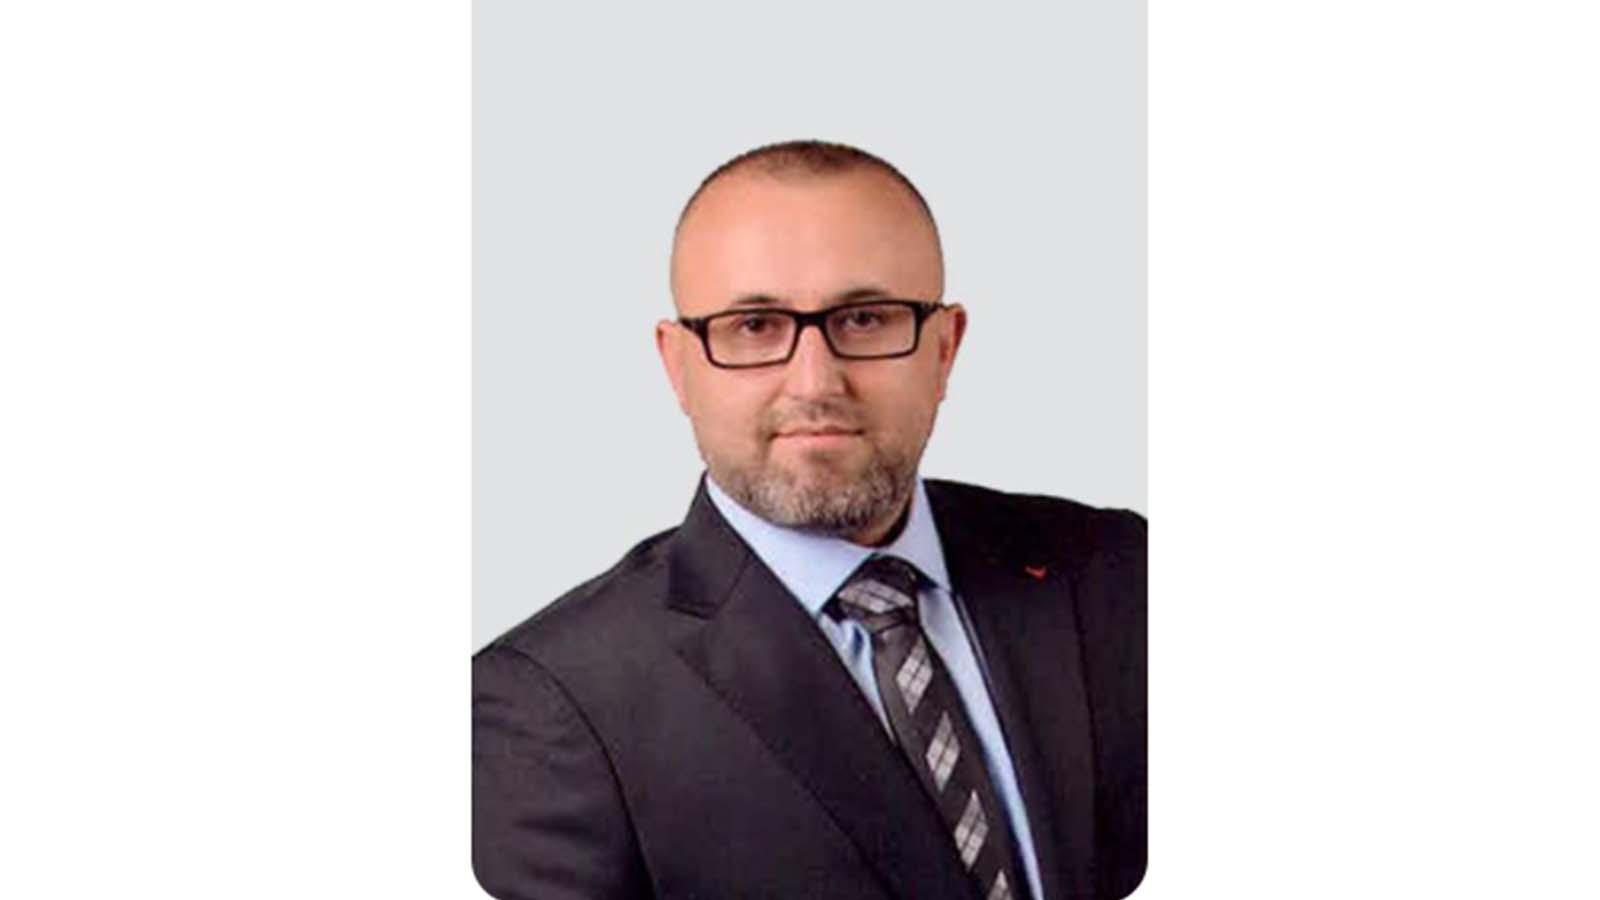 Çekmeköy Belediyesi Meclis Üyesi Bülent Aydoğdu kimdir? Kaç yaşında, neden öldü?  Nereli?